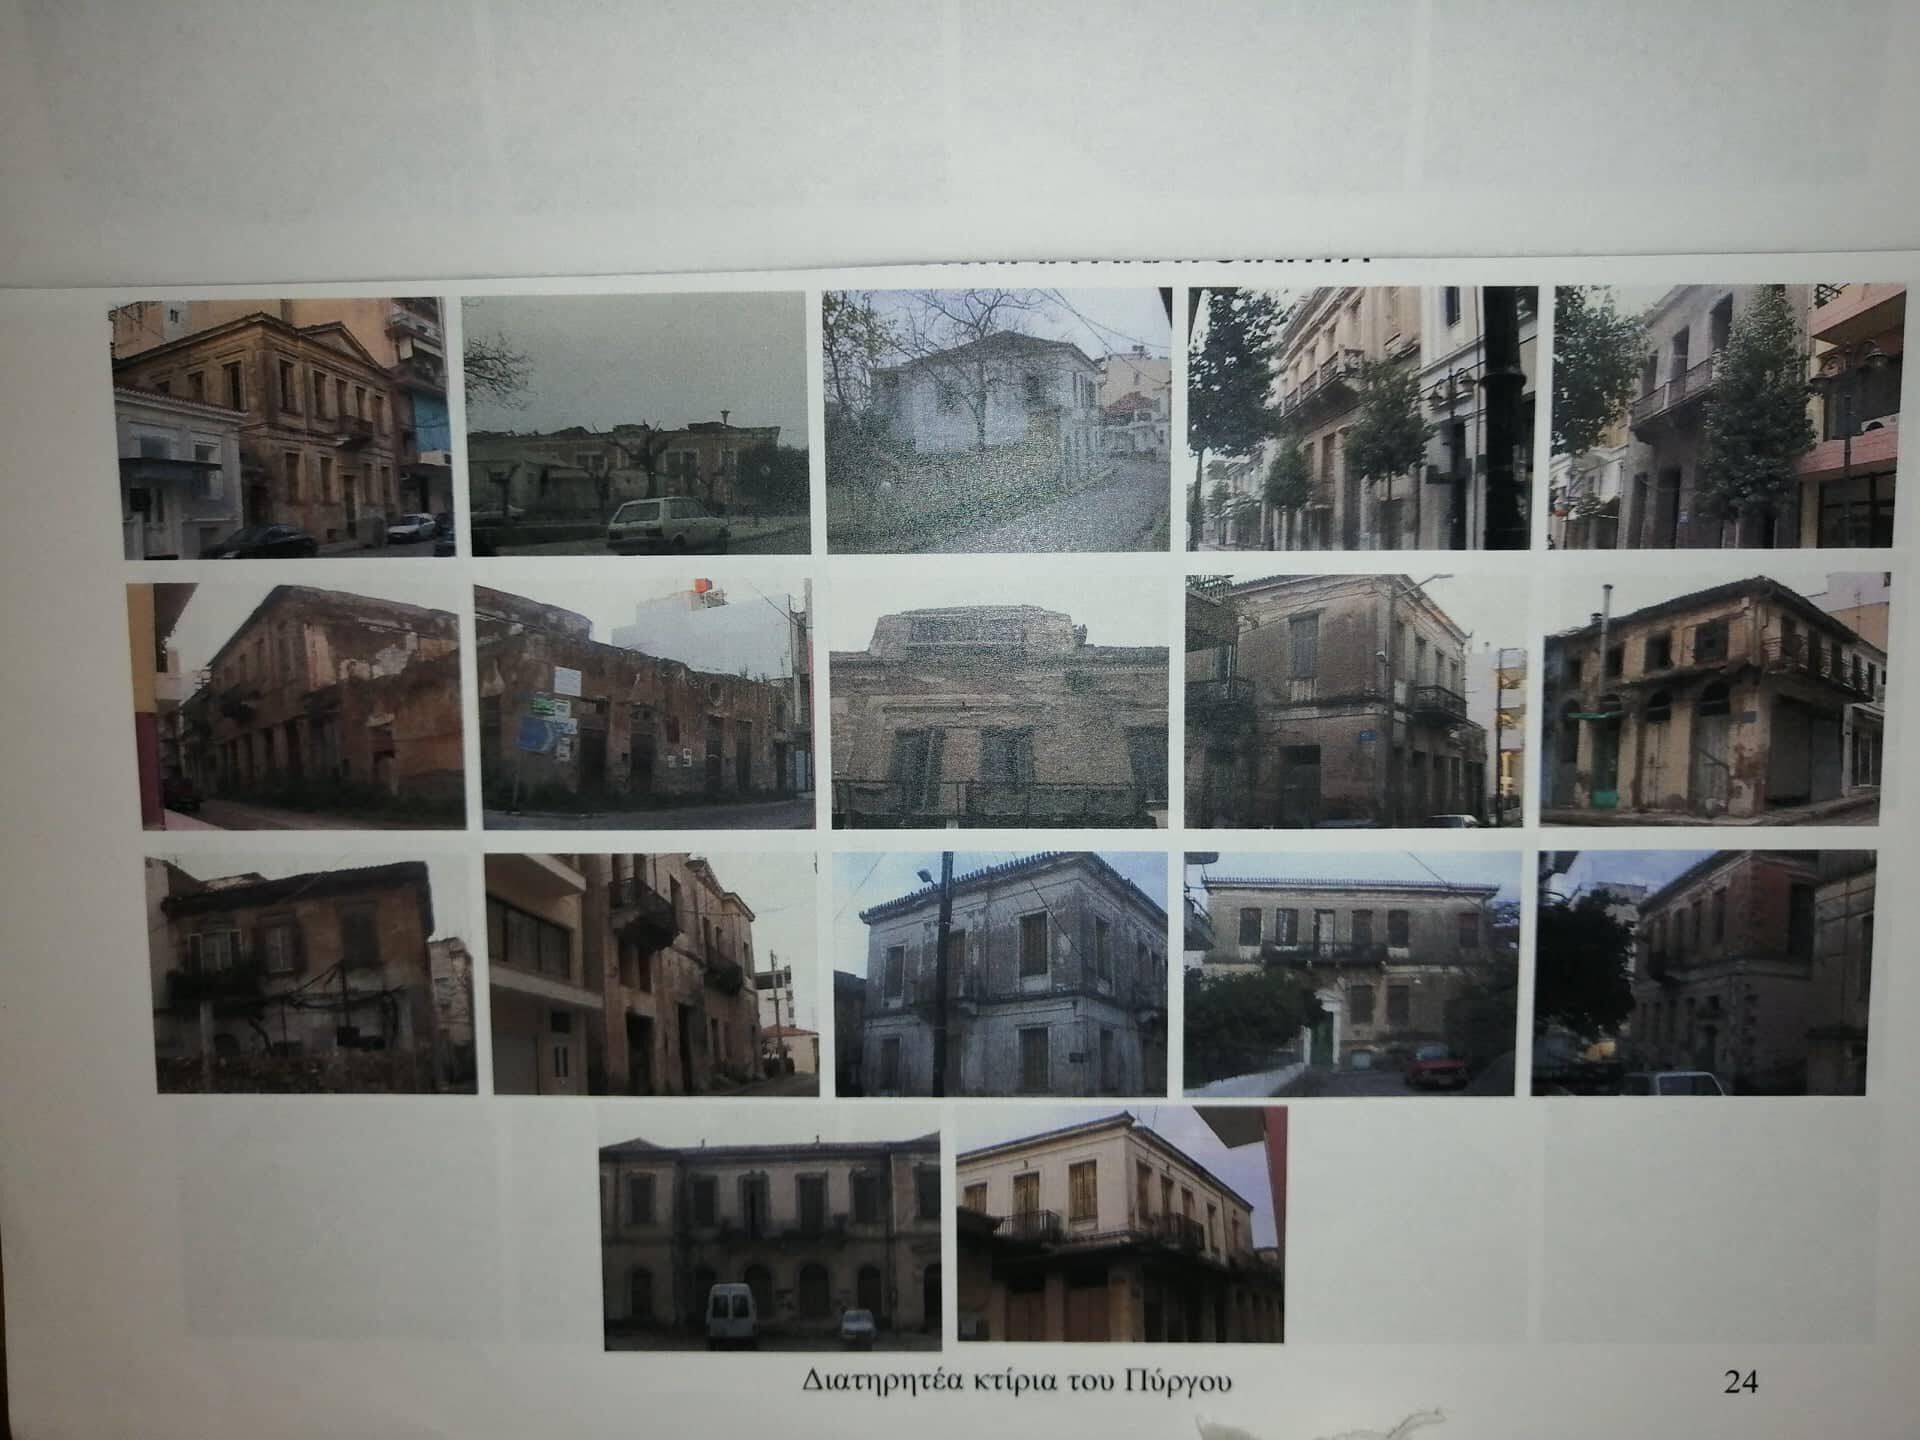 Δήμος Πύργου: Σύσκεψη για τα διατηρητέα κτίρια της πόλης- Μέτρα προστασίας και ανάδειξης της «ζωντανής» ιστορίας του Πύργου